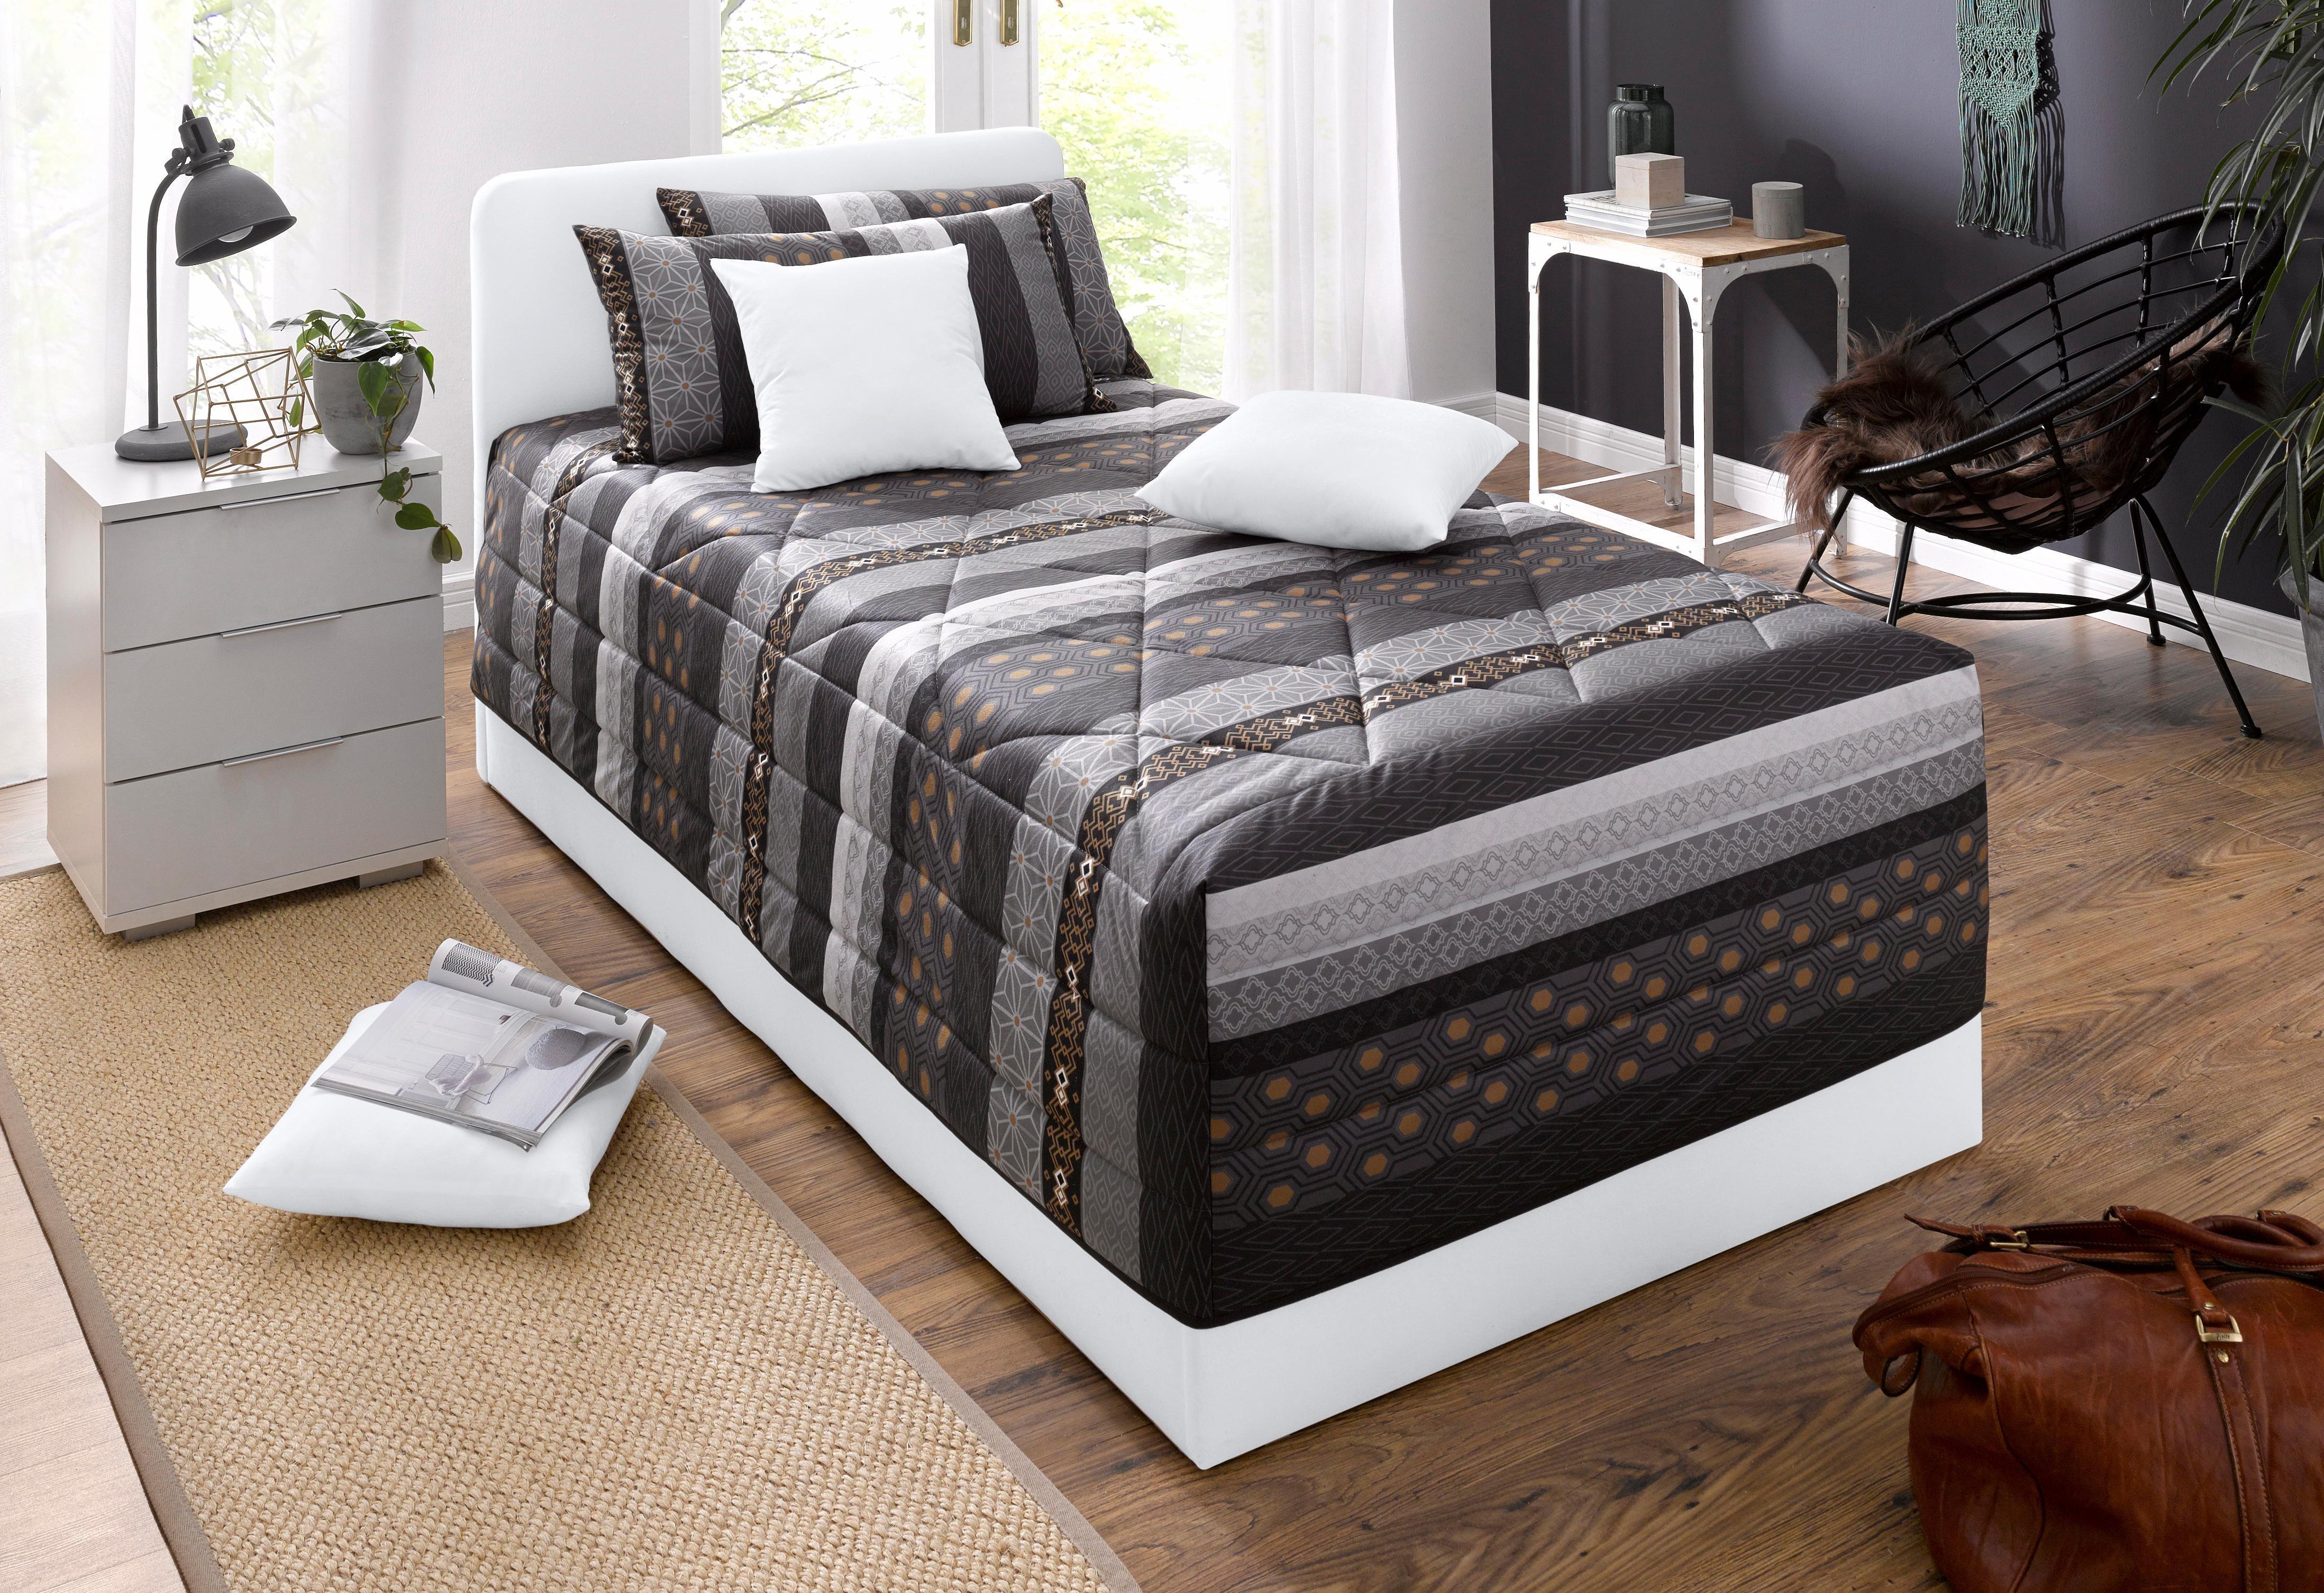 westfalia schlafkomfort polsterbett wahlweise mit bettkasten in 2 h hen und diversen. Black Bedroom Furniture Sets. Home Design Ideas